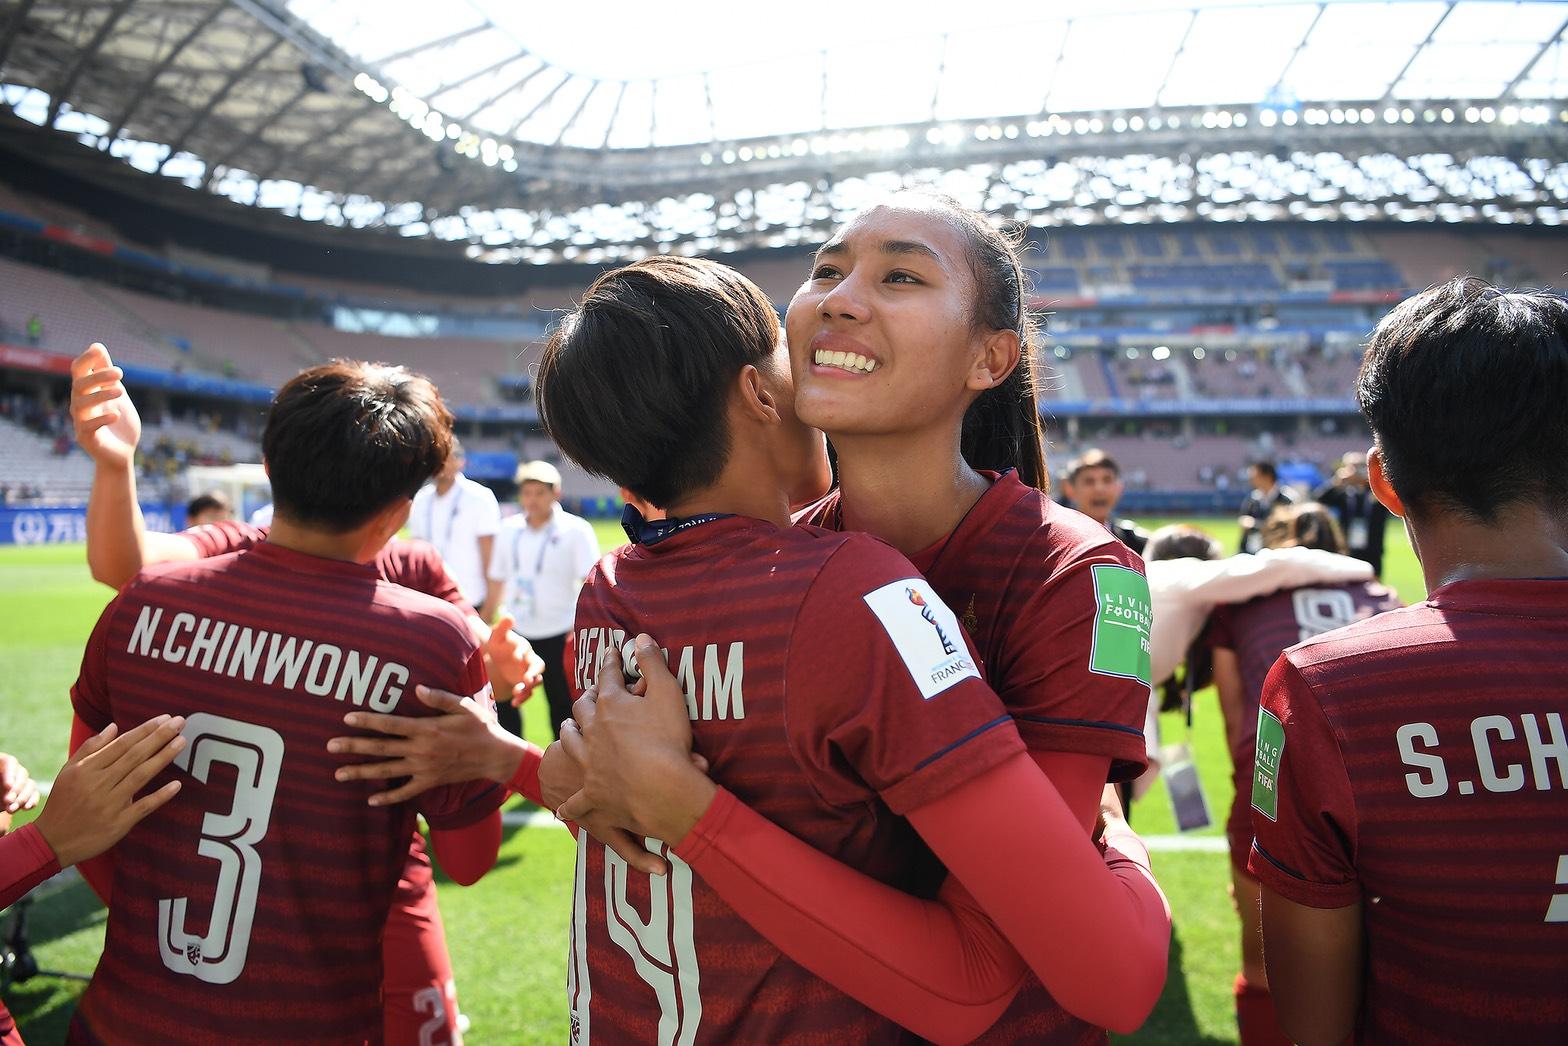 ณัฐกานต์ ชินวงษ์ ธนีกานต์ แดงดา ฟุตบอลหญิงทีมชาติไทย ยูนนาน เหิงจุ้น เป่ยเหลียน